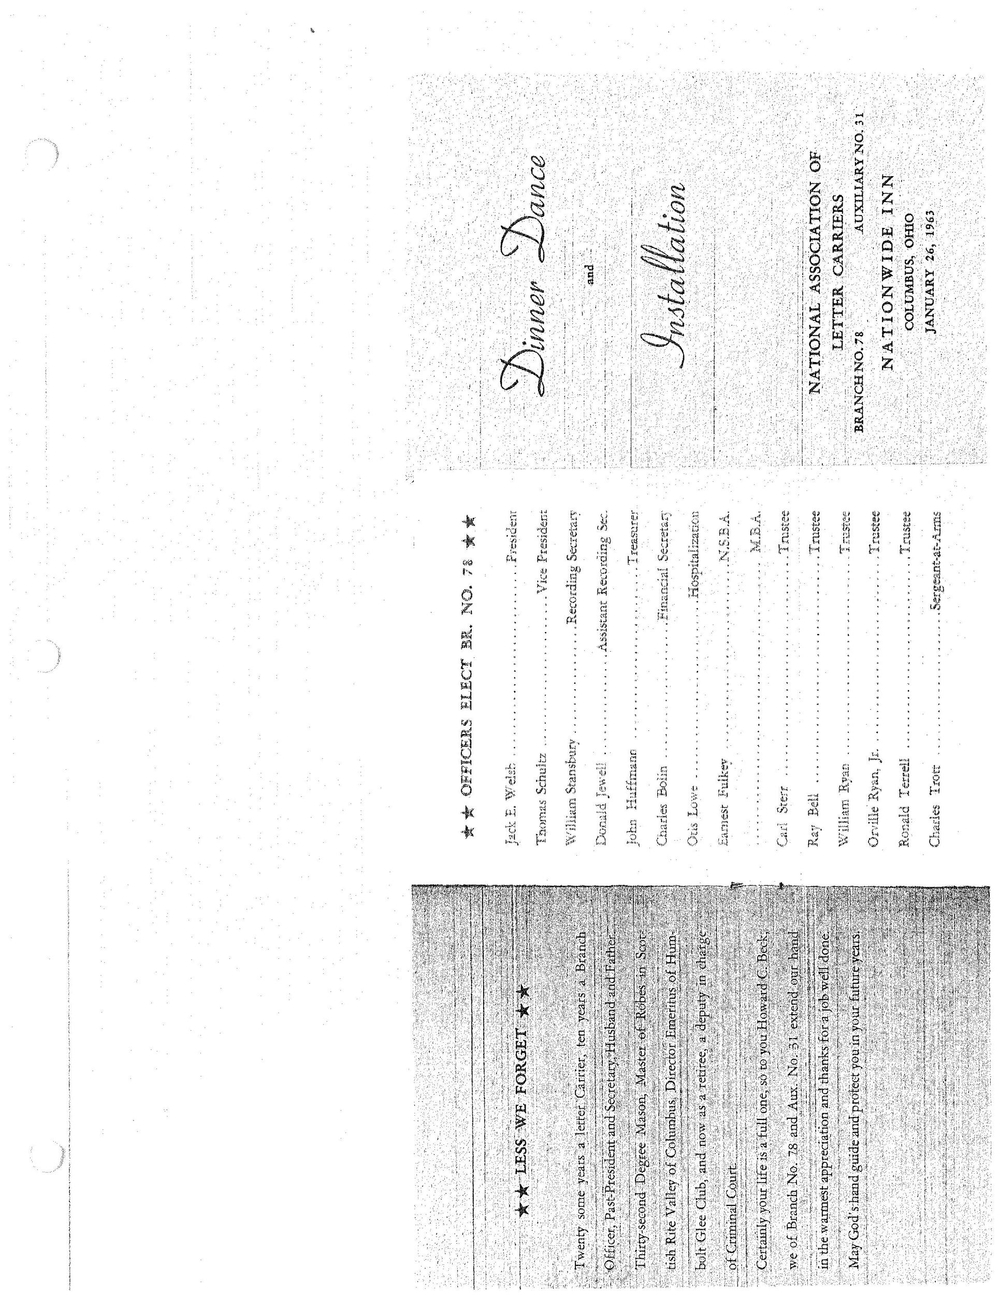 branch 78 history page-0025.jpg